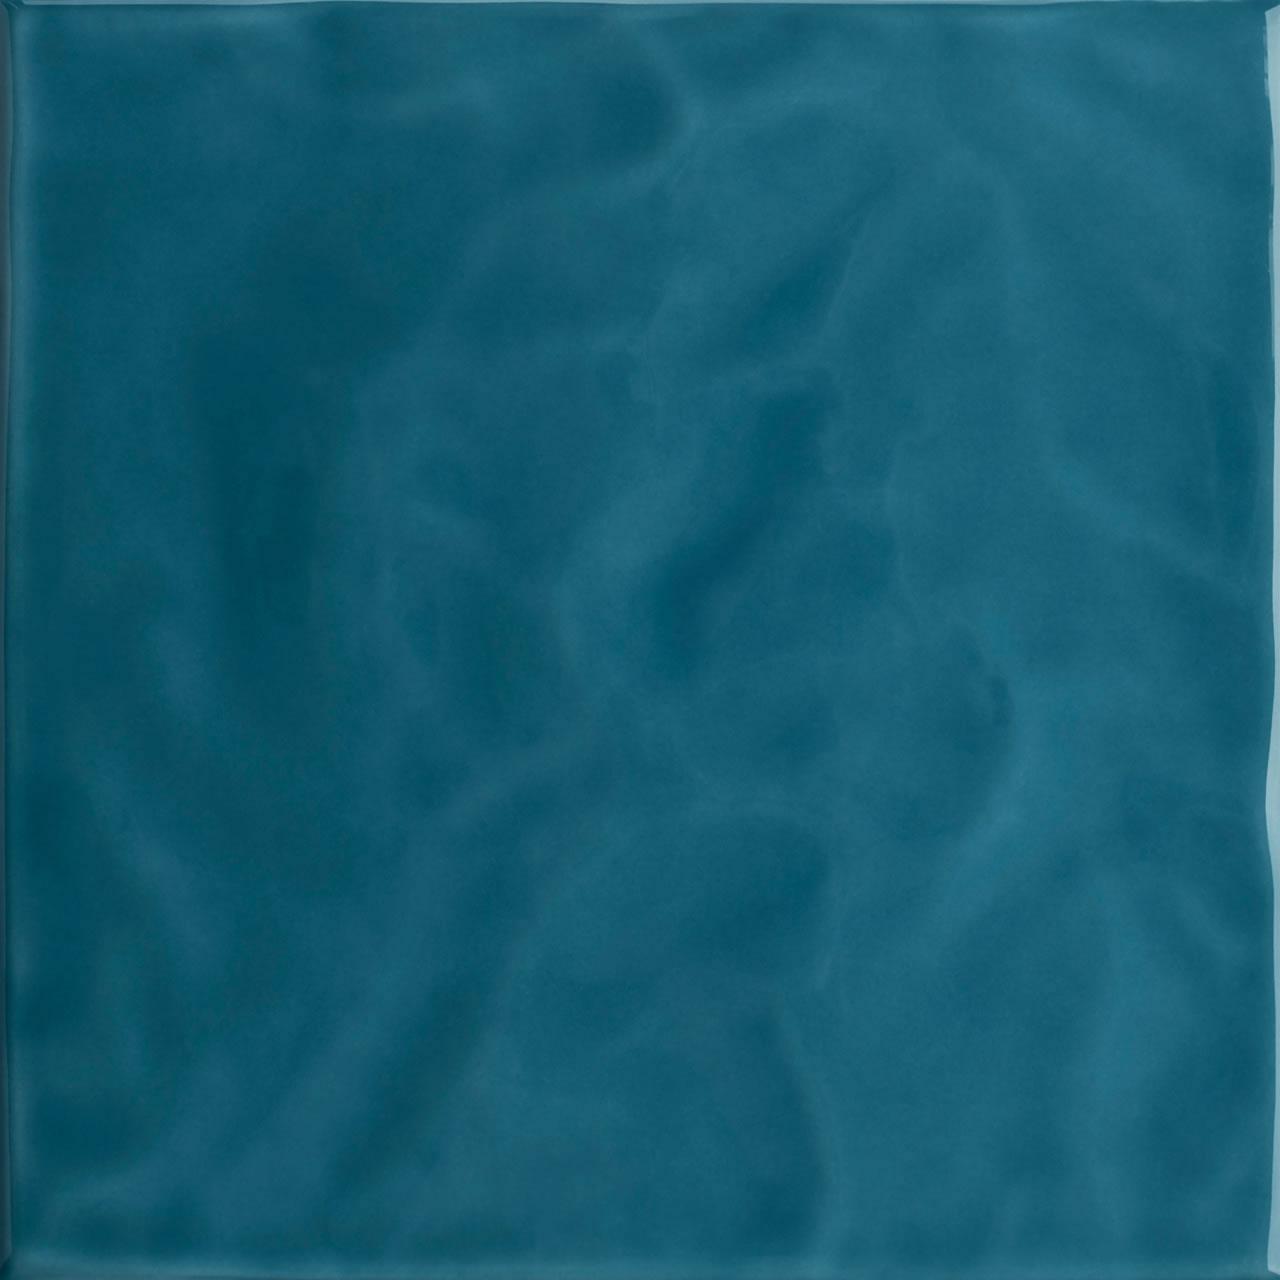 en blue sea wave